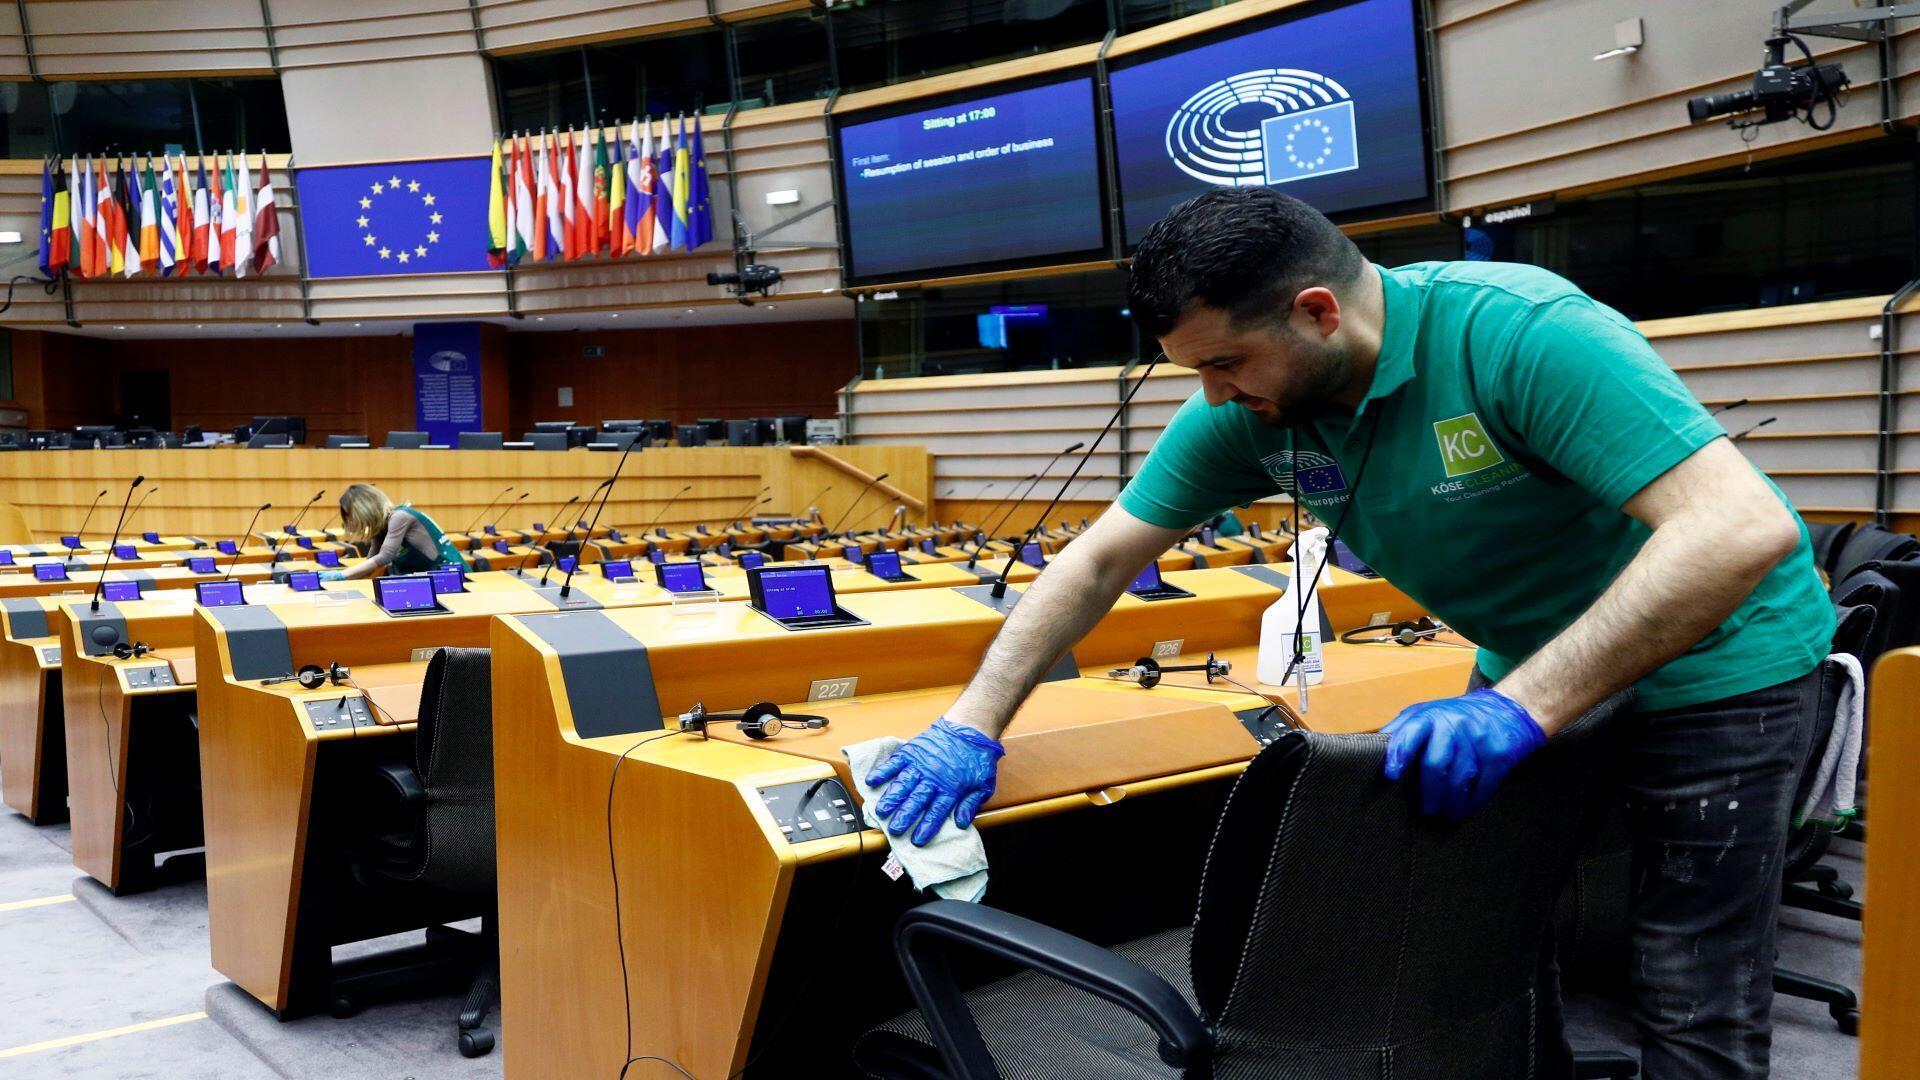 Le Parlement européen a pris des mesures de précaution concernant l'extension du Coronavirus. Le Parlement bruxellois a fermé ses portes le jeudi 19 mars 2020.